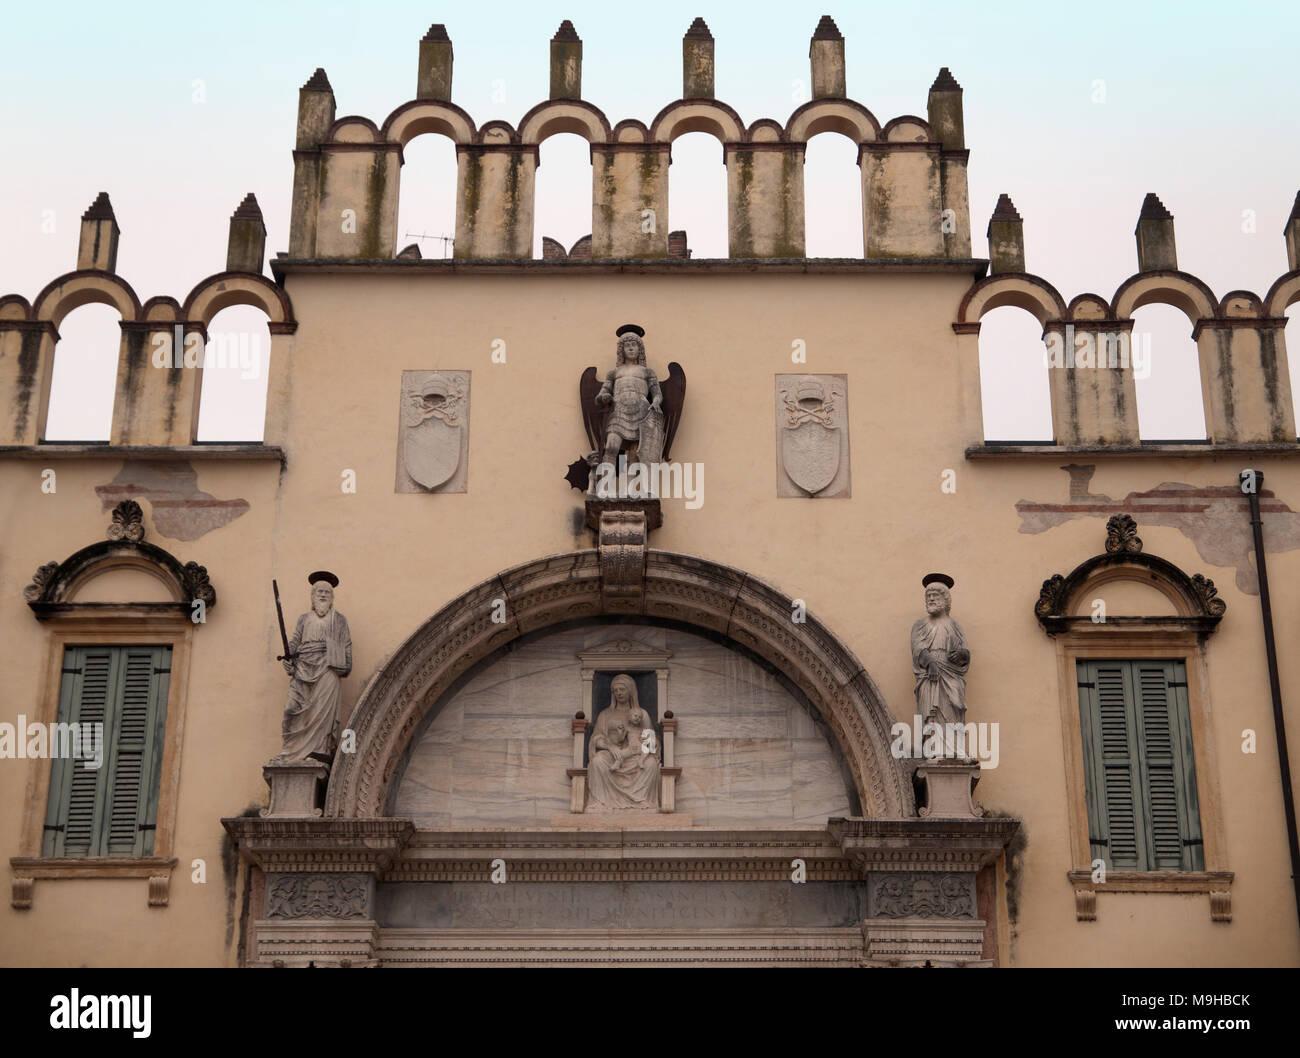 A beautiful and symmetrical ecclesiastical facade in Verona - Stock Image